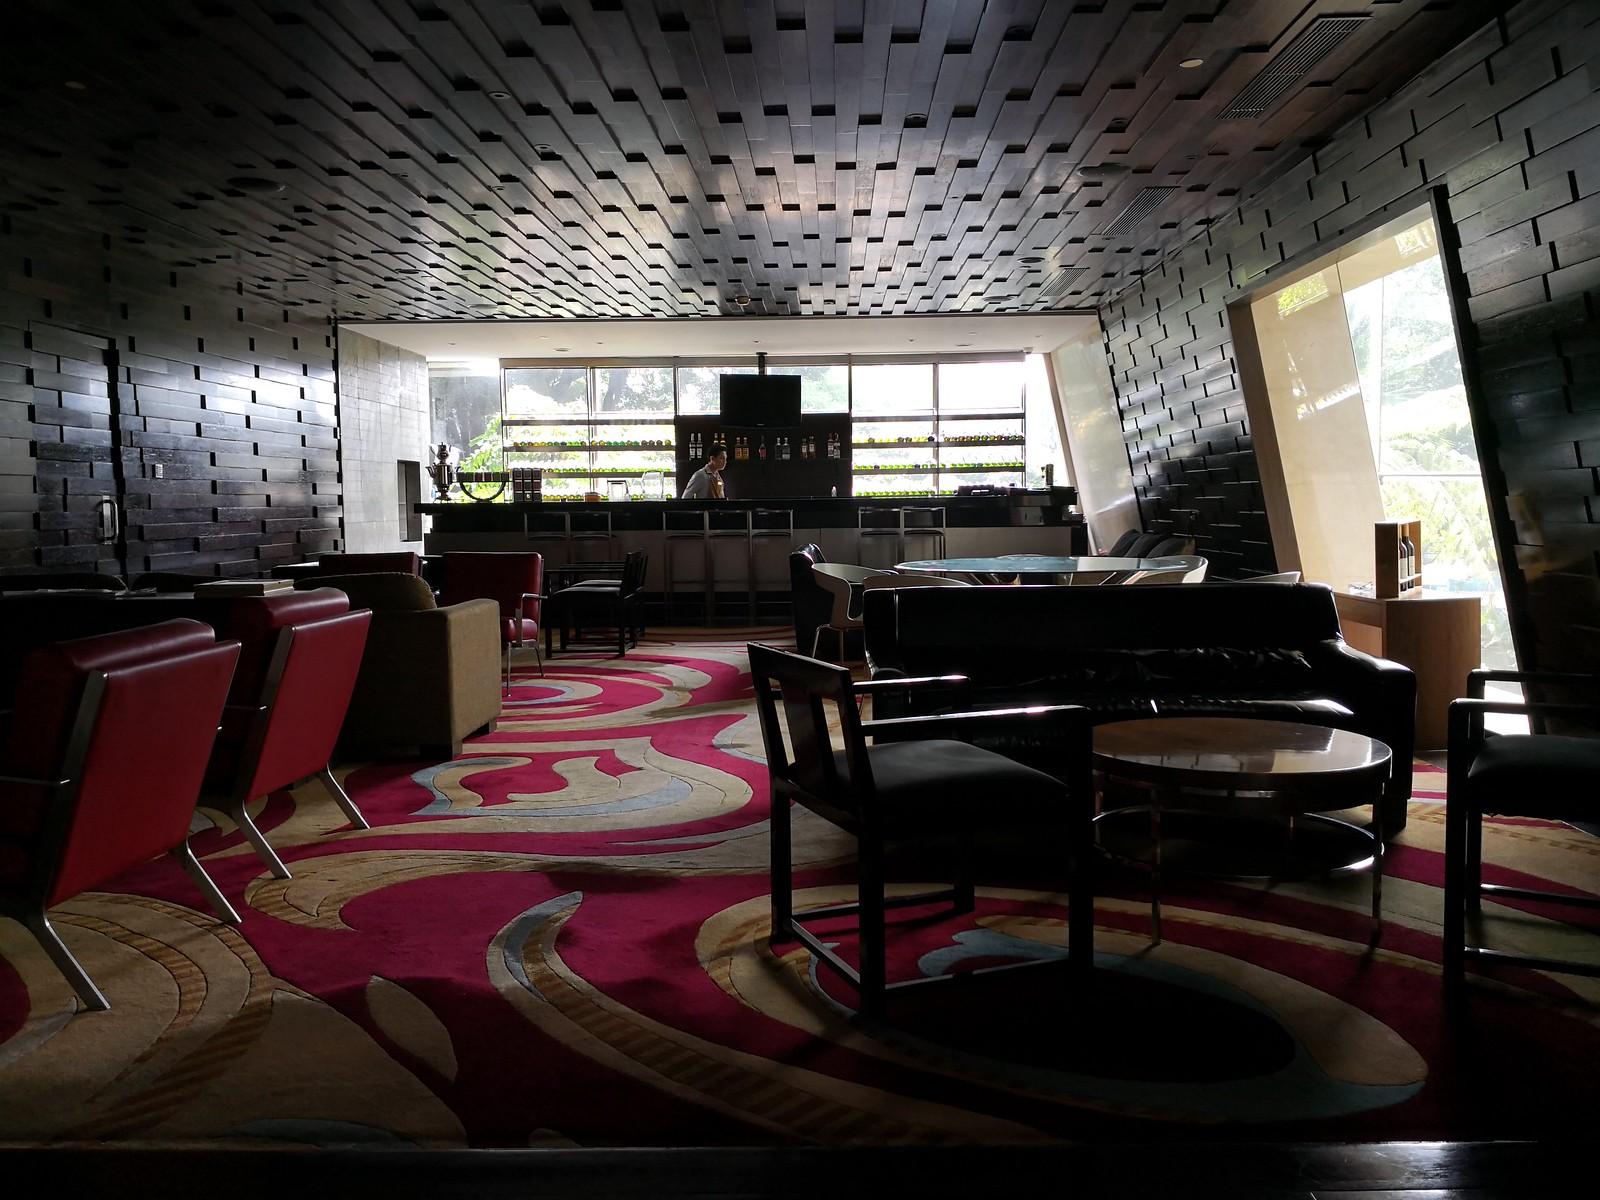 Magma lounge and bar